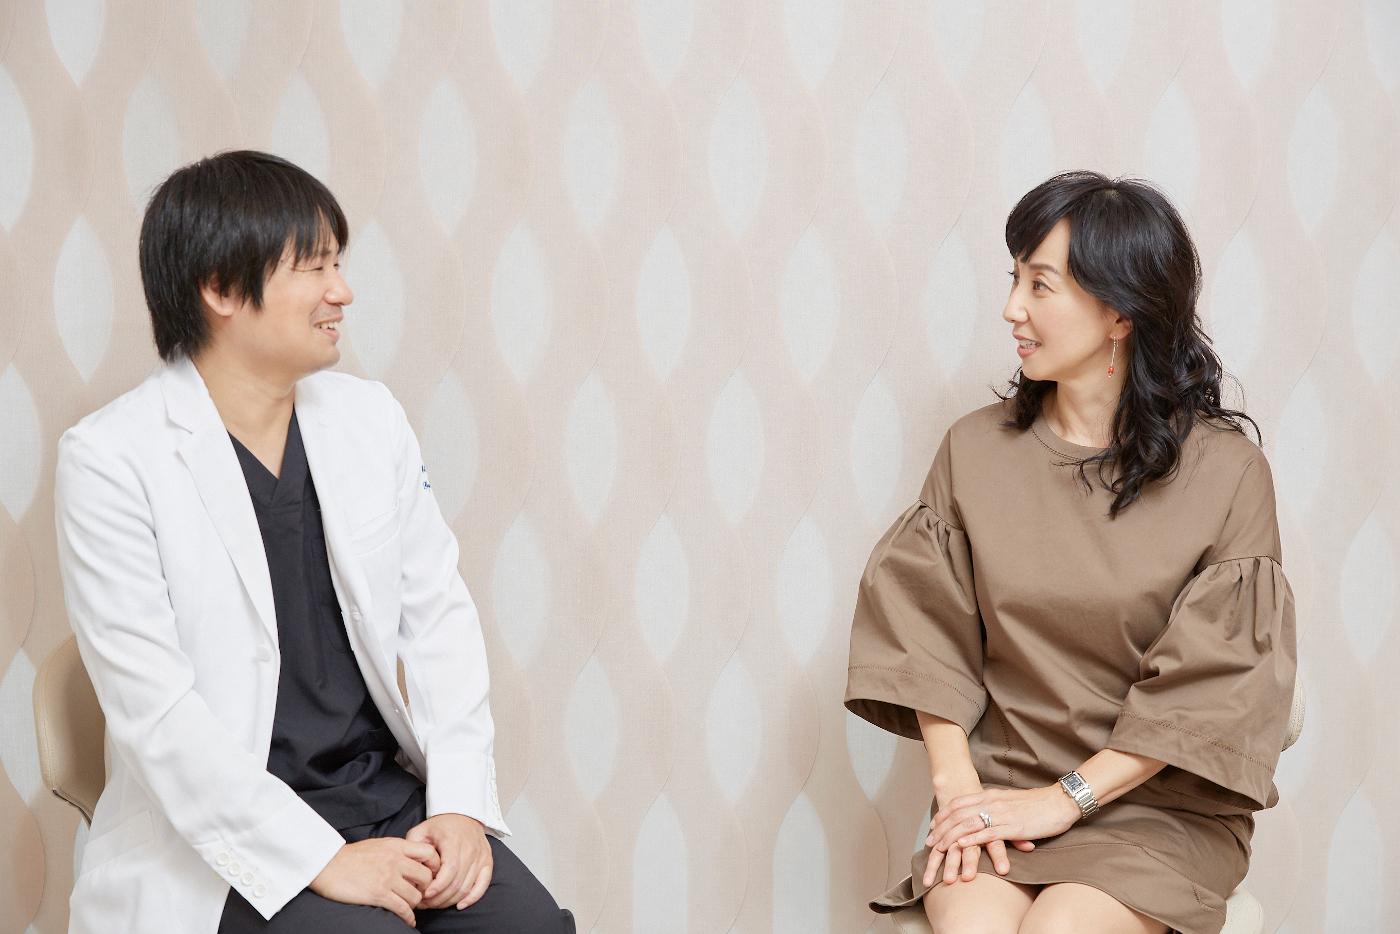 東尾 理子 病院